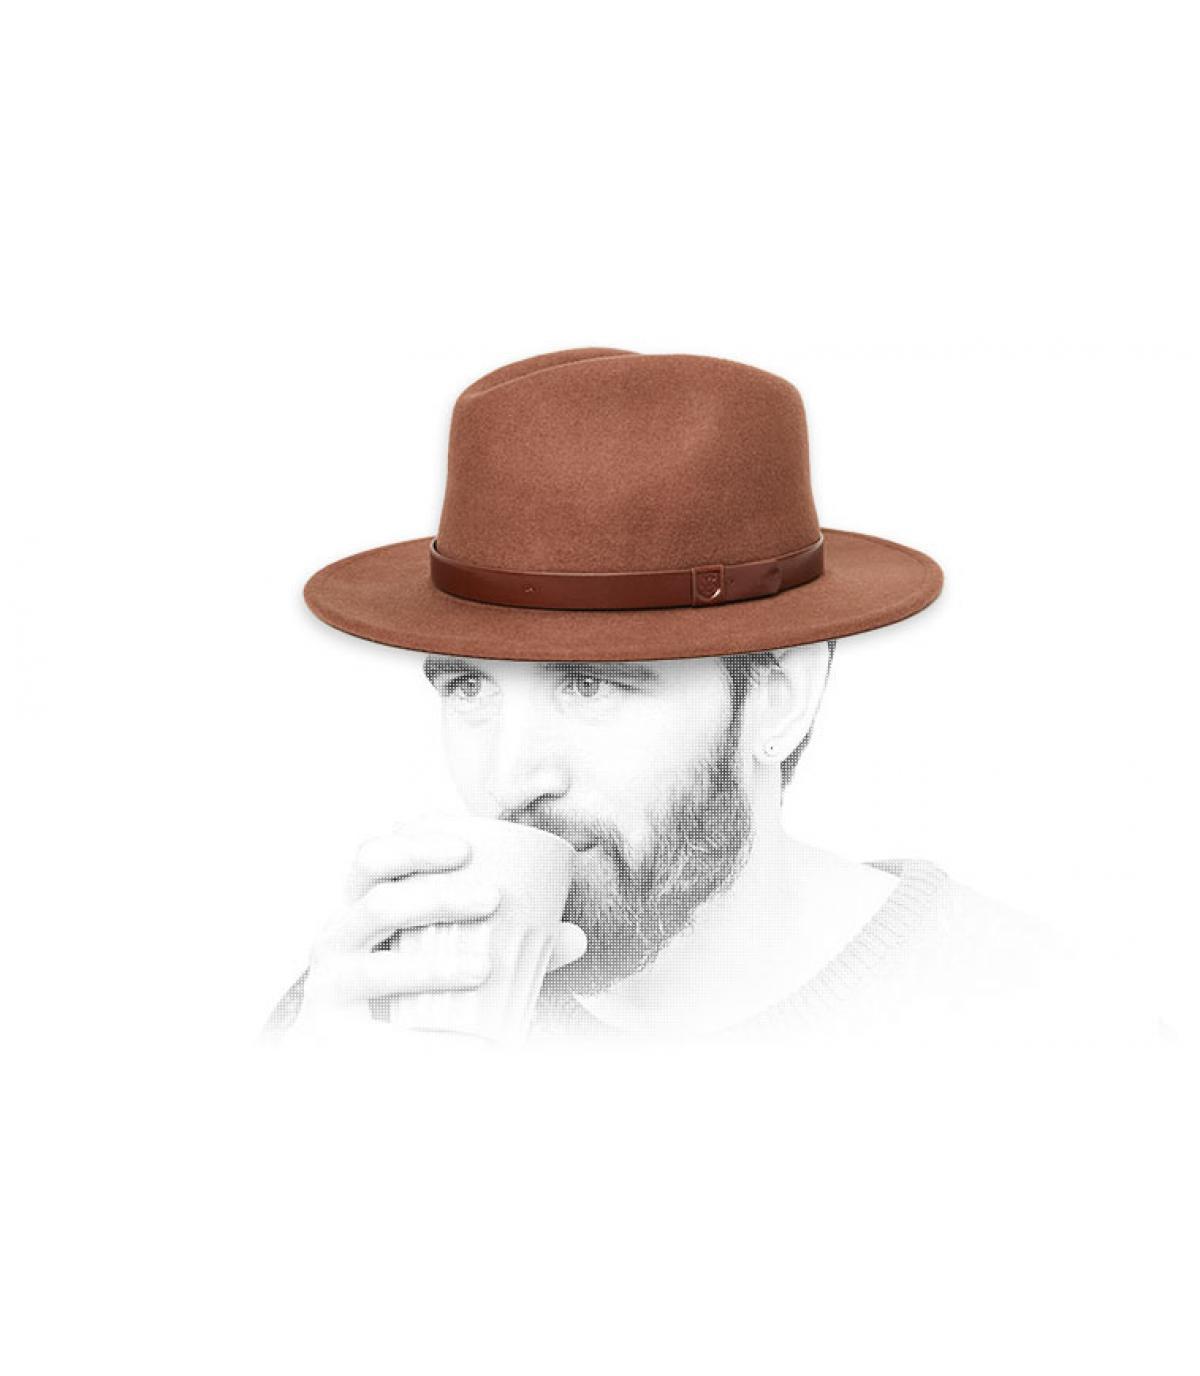 cappello di feltro marrone